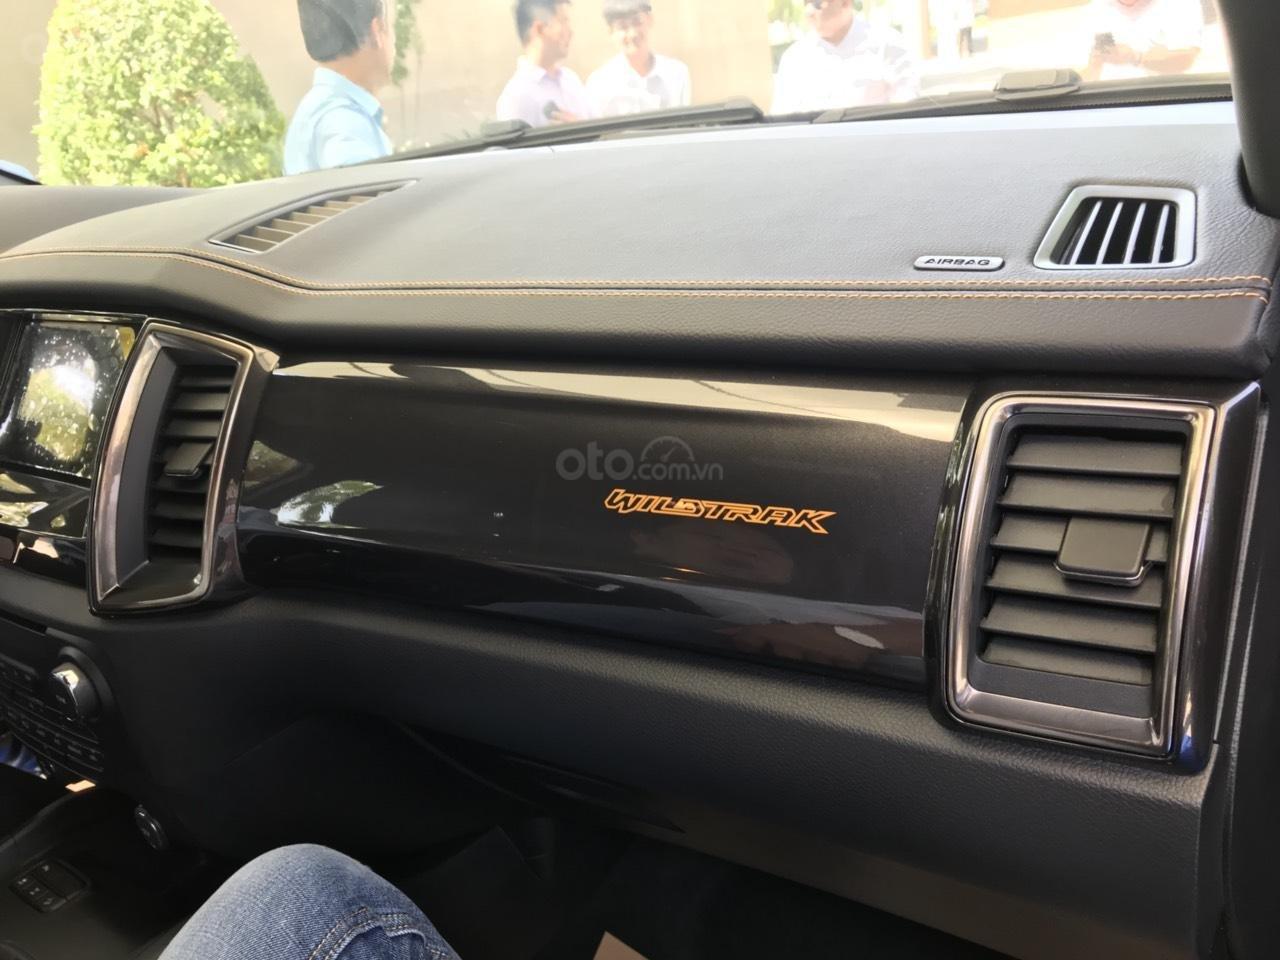 Bán Ford Ranger sản xuất 2019, xe nhập, giá tốt nhất thị trường-5